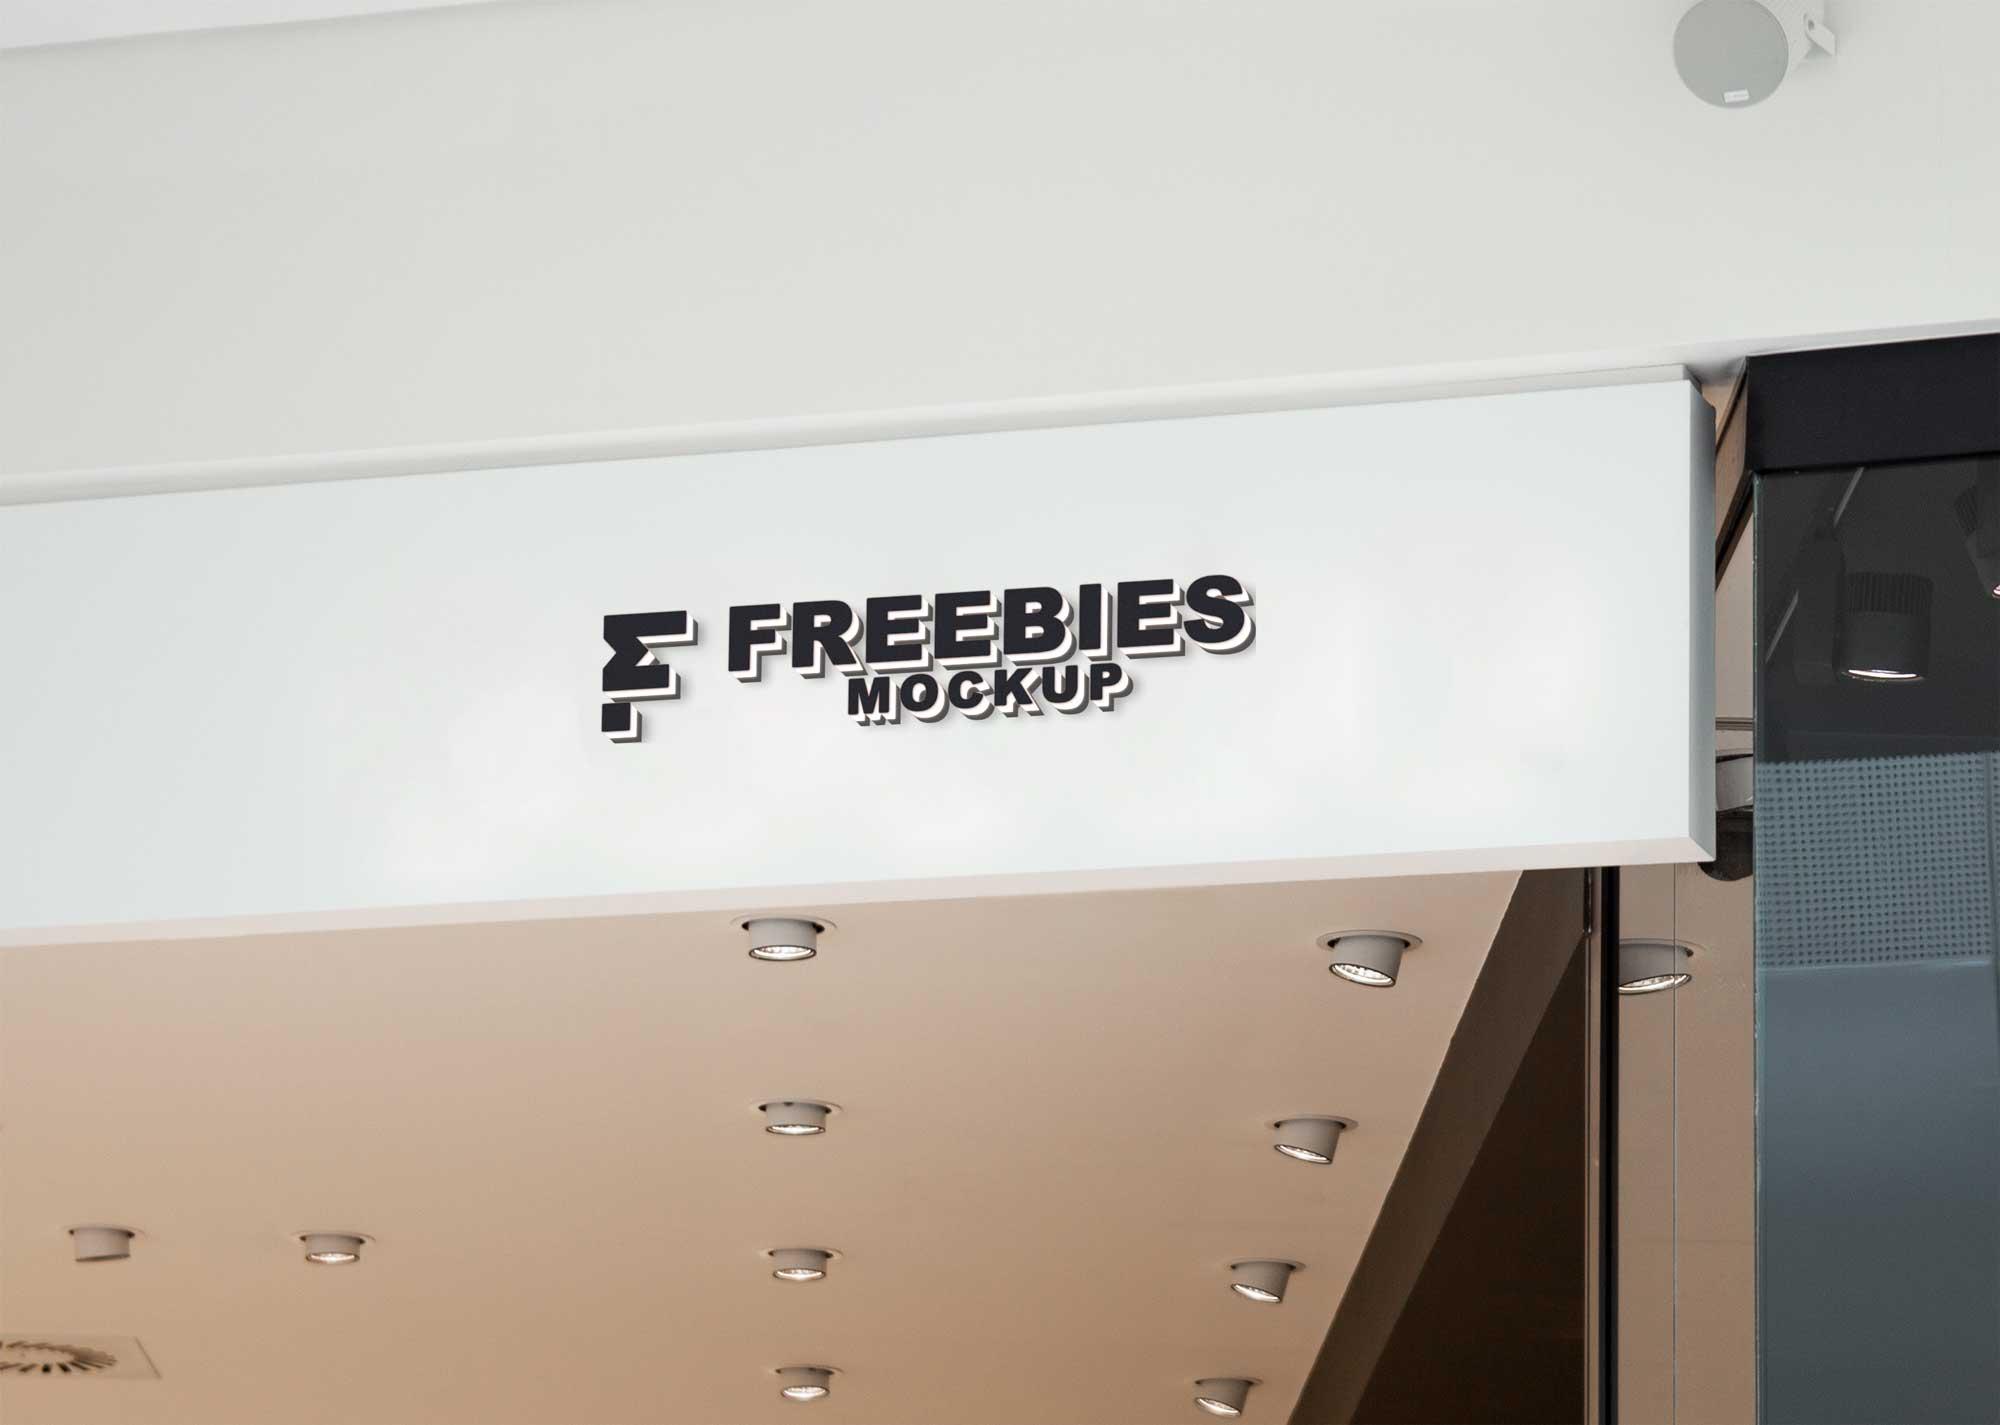 Freebies Office Mockup